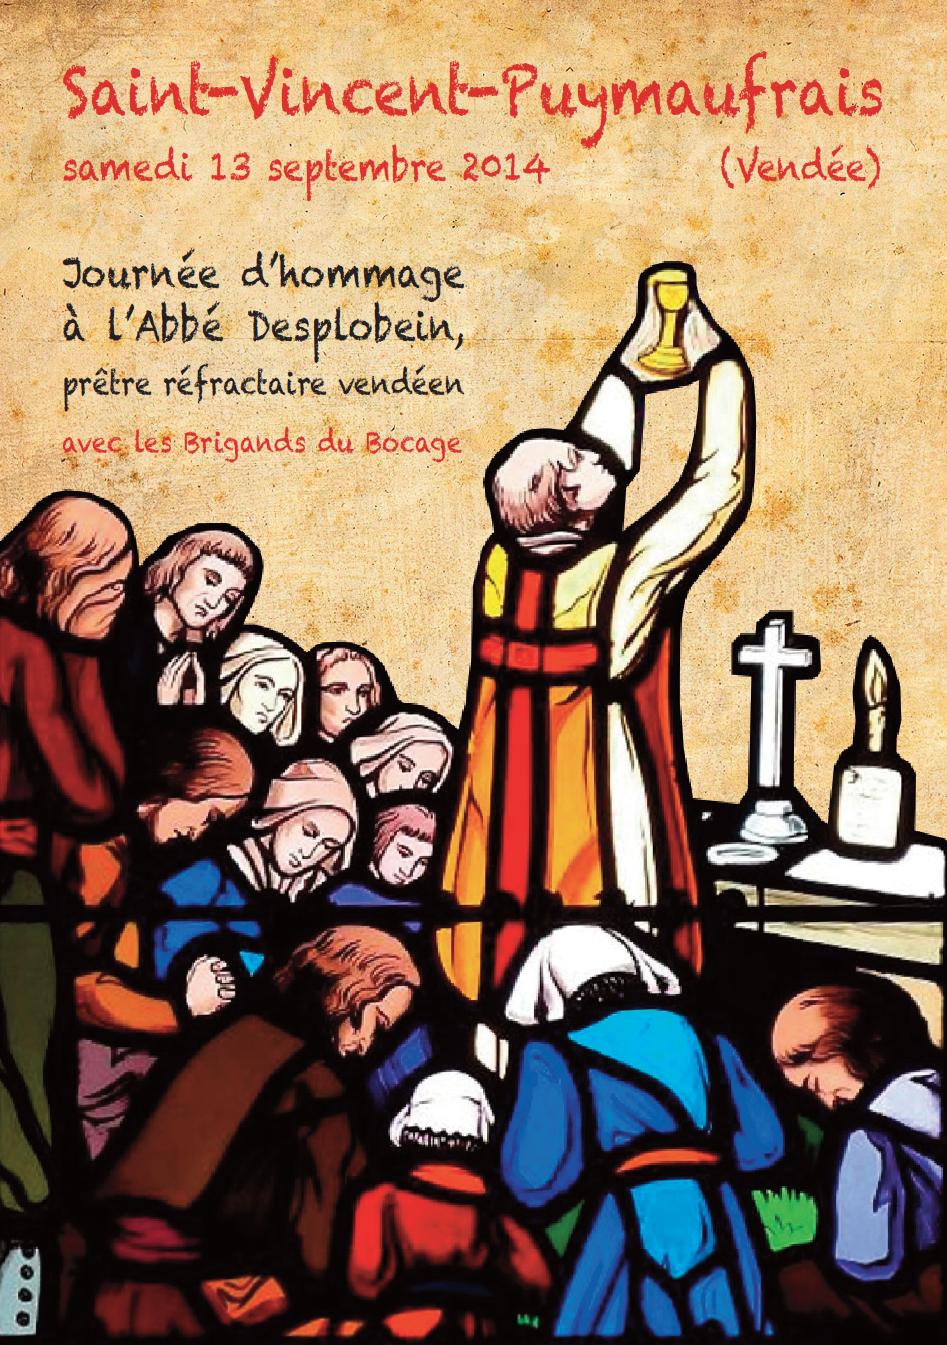 13 septembre 2014 – Journée d'hommage à l'abbé Desplobein, prêtre réfractaire vendéen